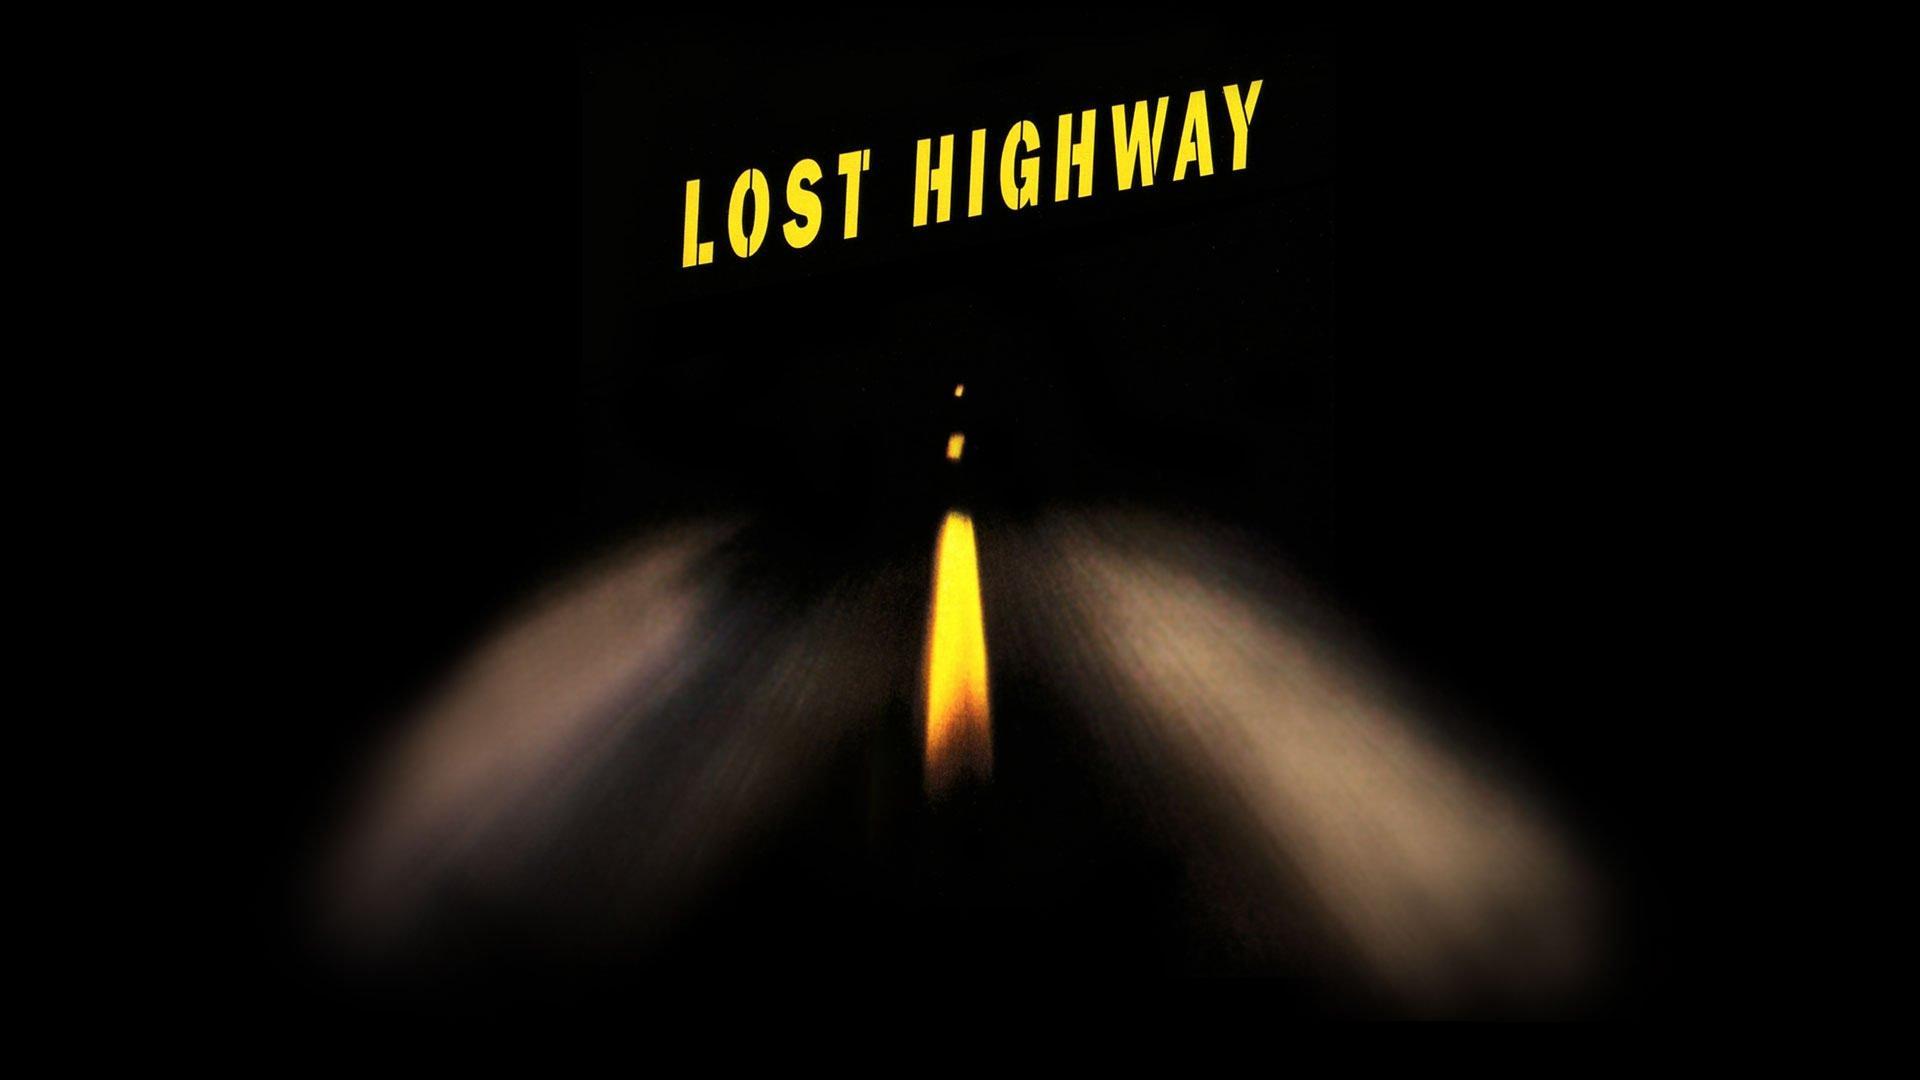 Lost Highway - Útvesztőben (1997)